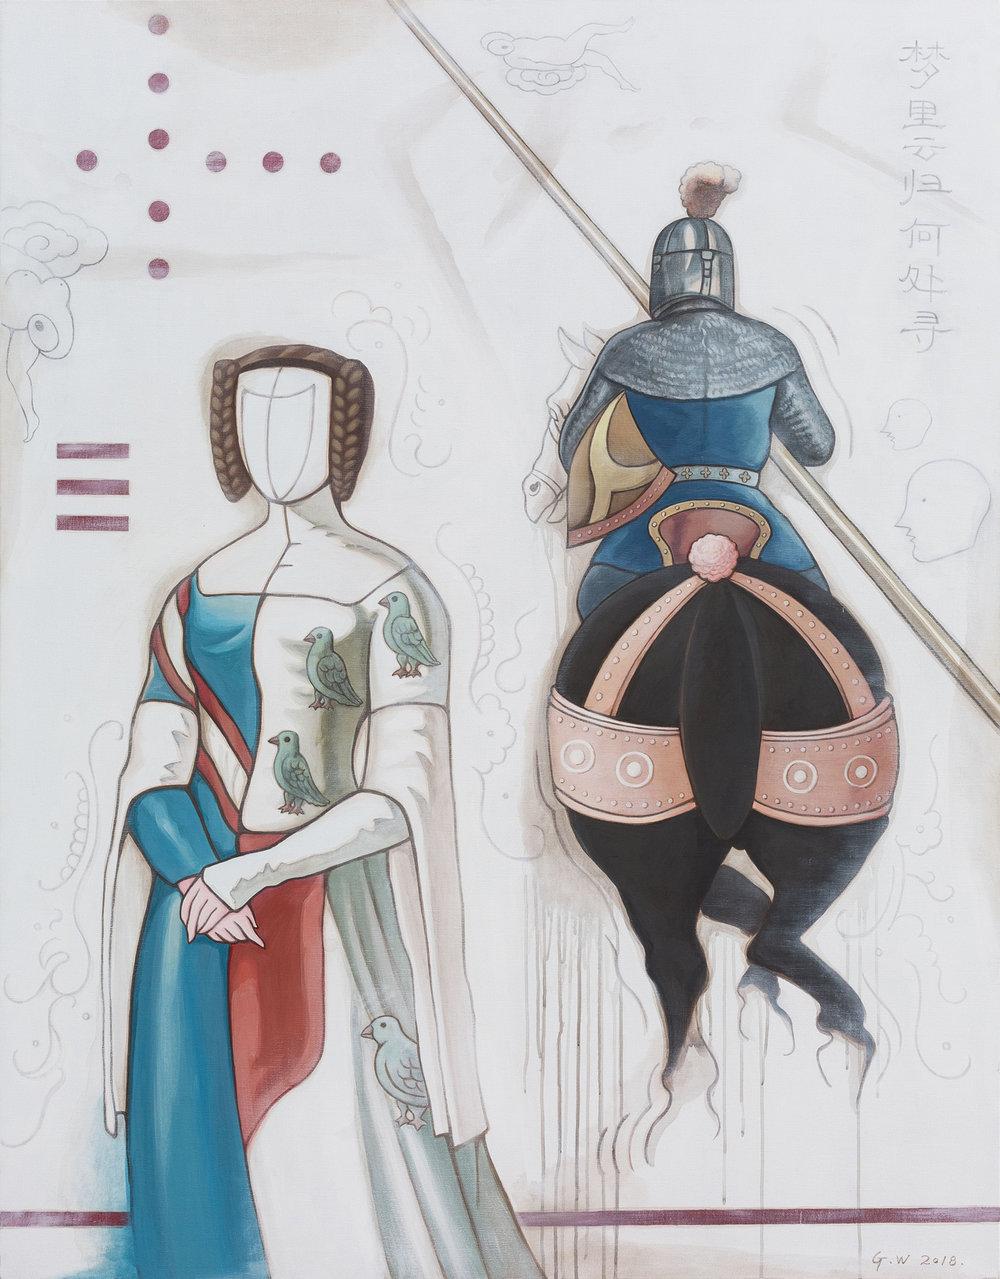 GUAN WEI   Chivalry No. 8  2018 Acrylic on linen 180 x 140 cm